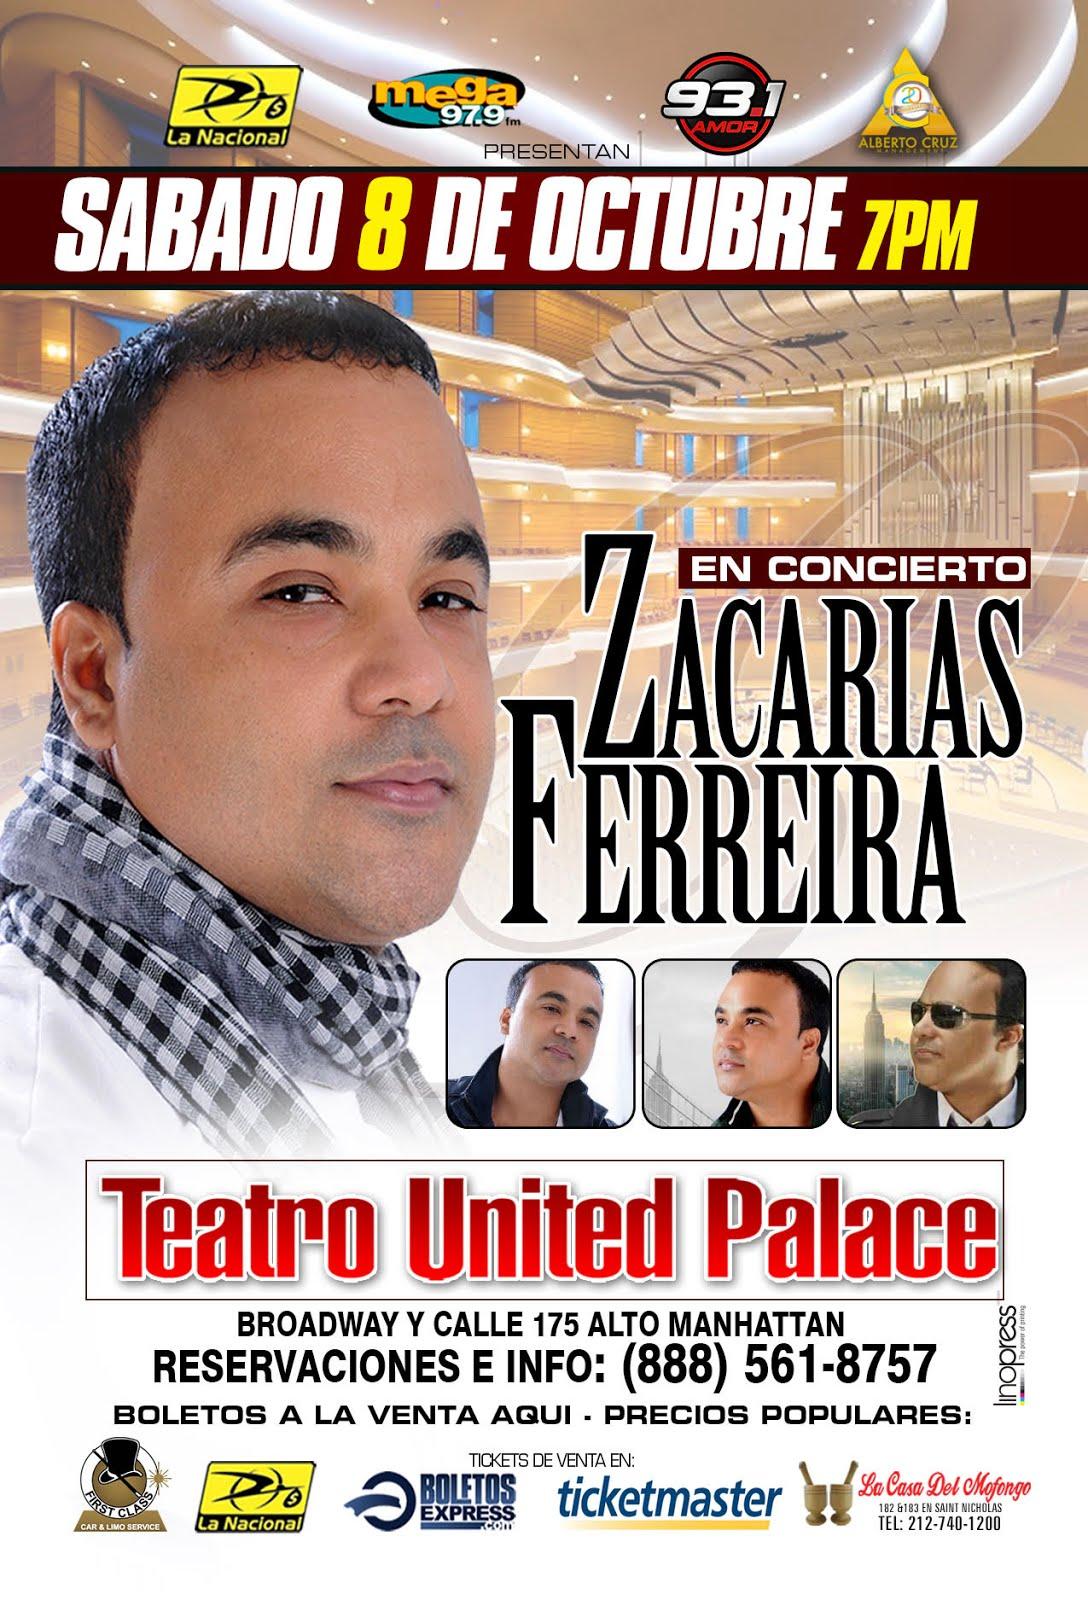 ZACARIAS FERREIRAS en CONCIERTO